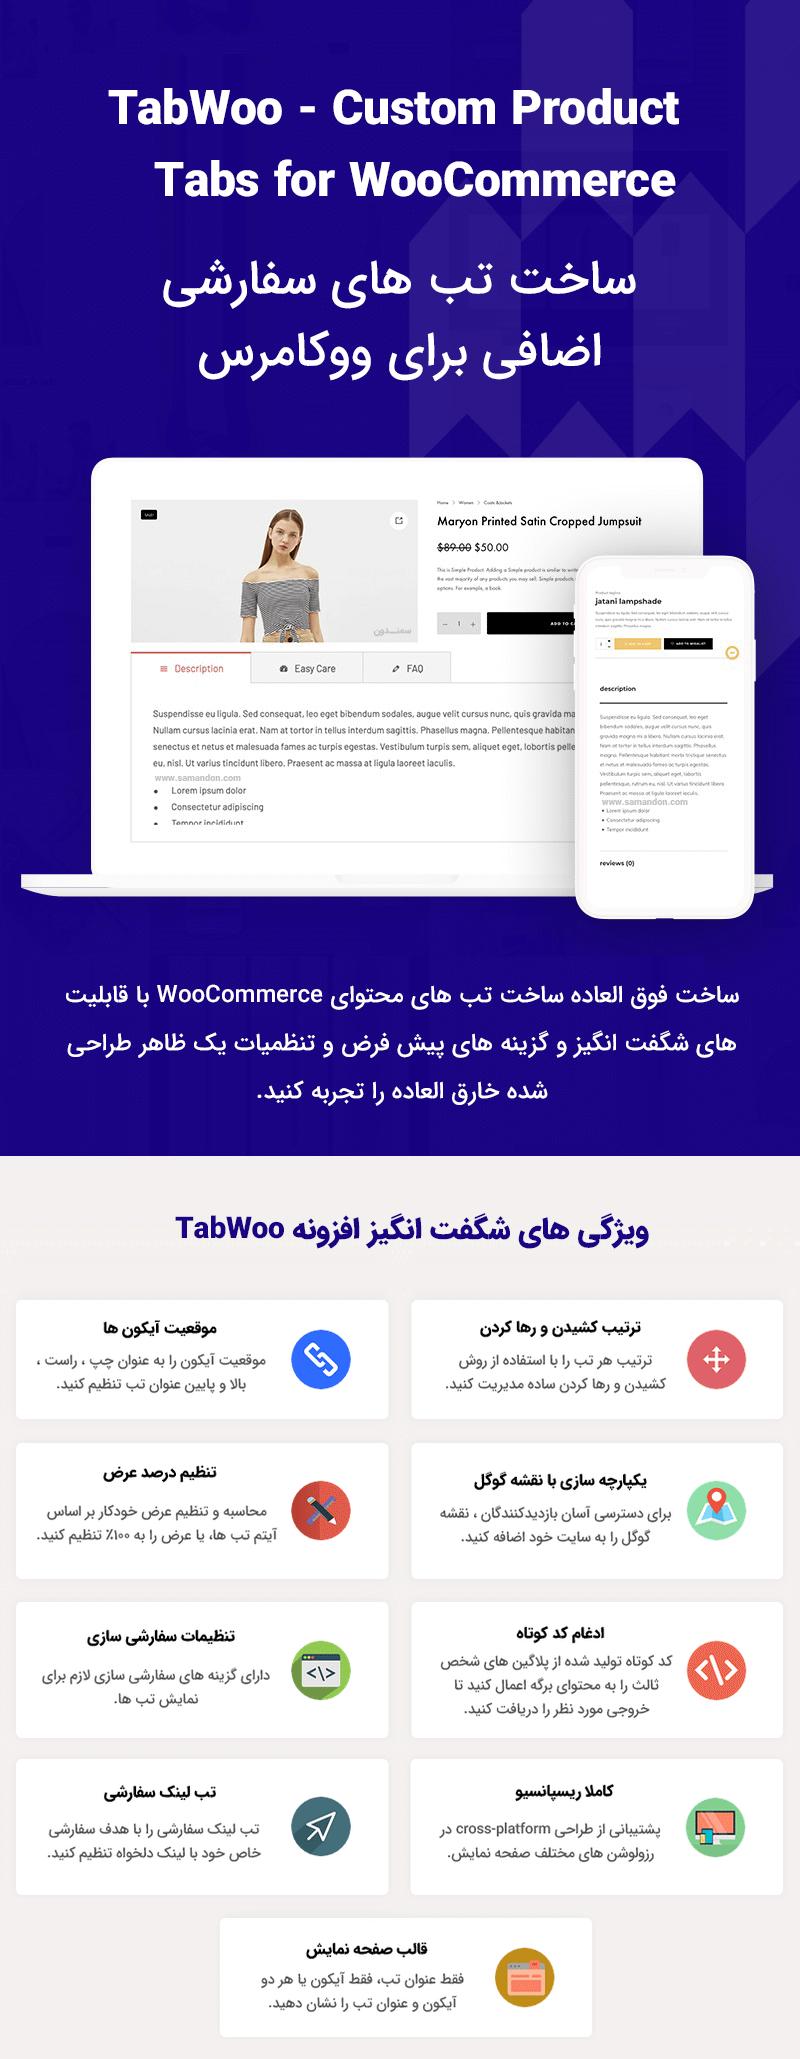 ویژگی های افزونه تب های سفارشی محصول ووکامرس | Tab Woo - Custom Product Tabs